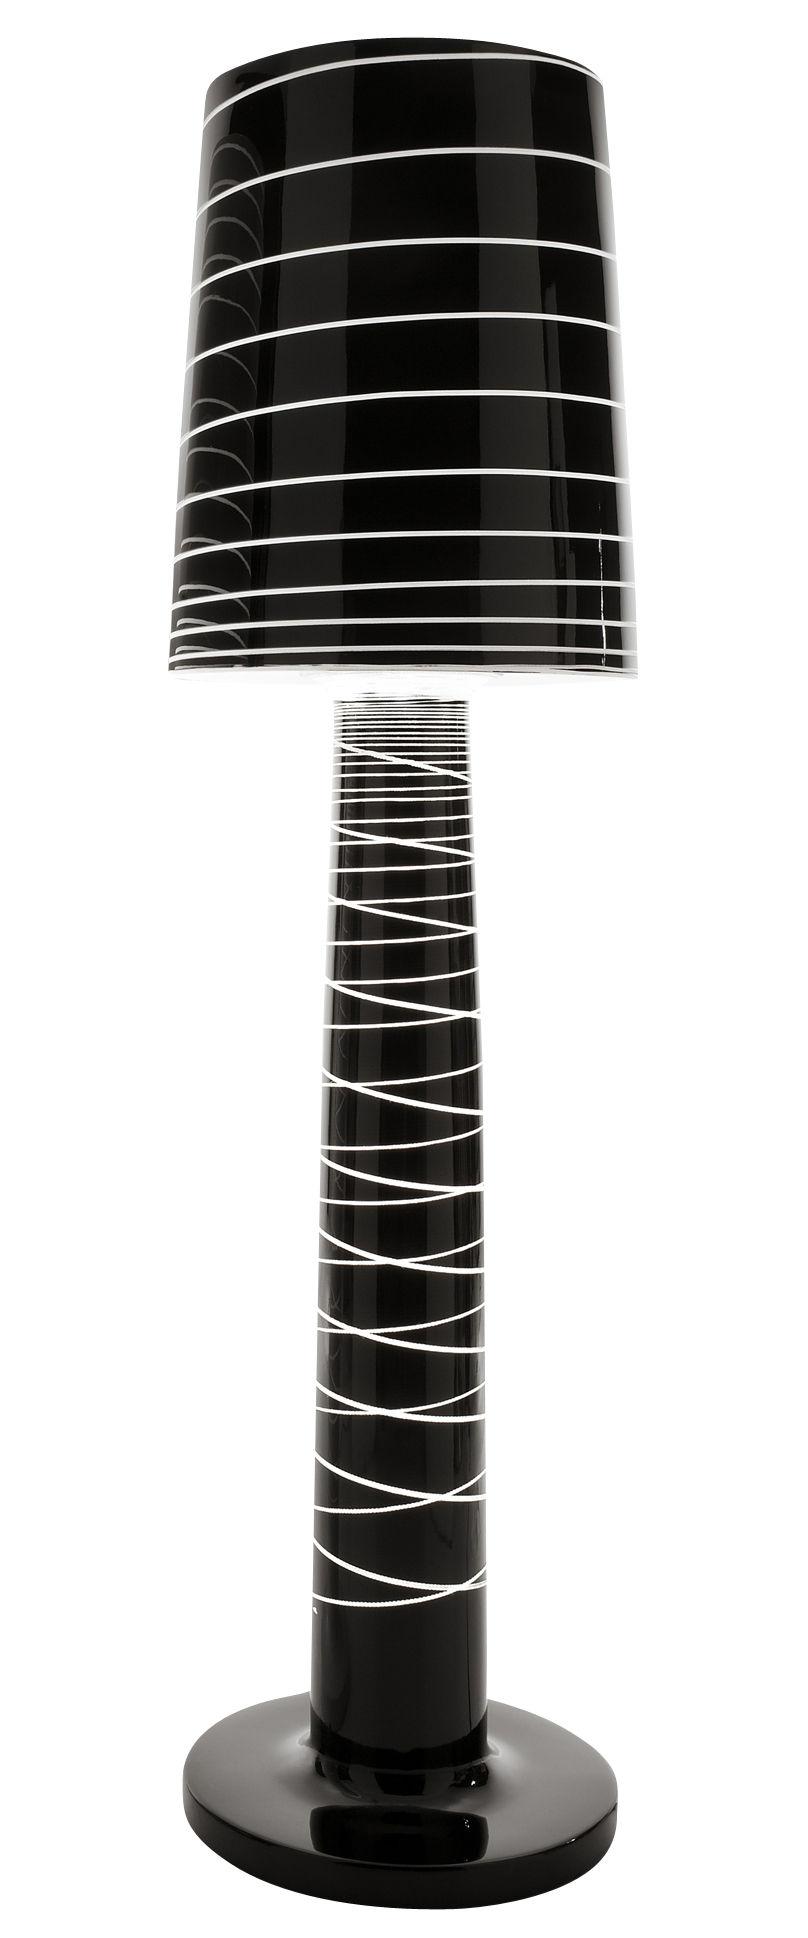 Illuminazione - Lampade da terra - Lampada a stelo Lady Jane Outdoor di Serralunga - Nero laccato a righe - Polietilene